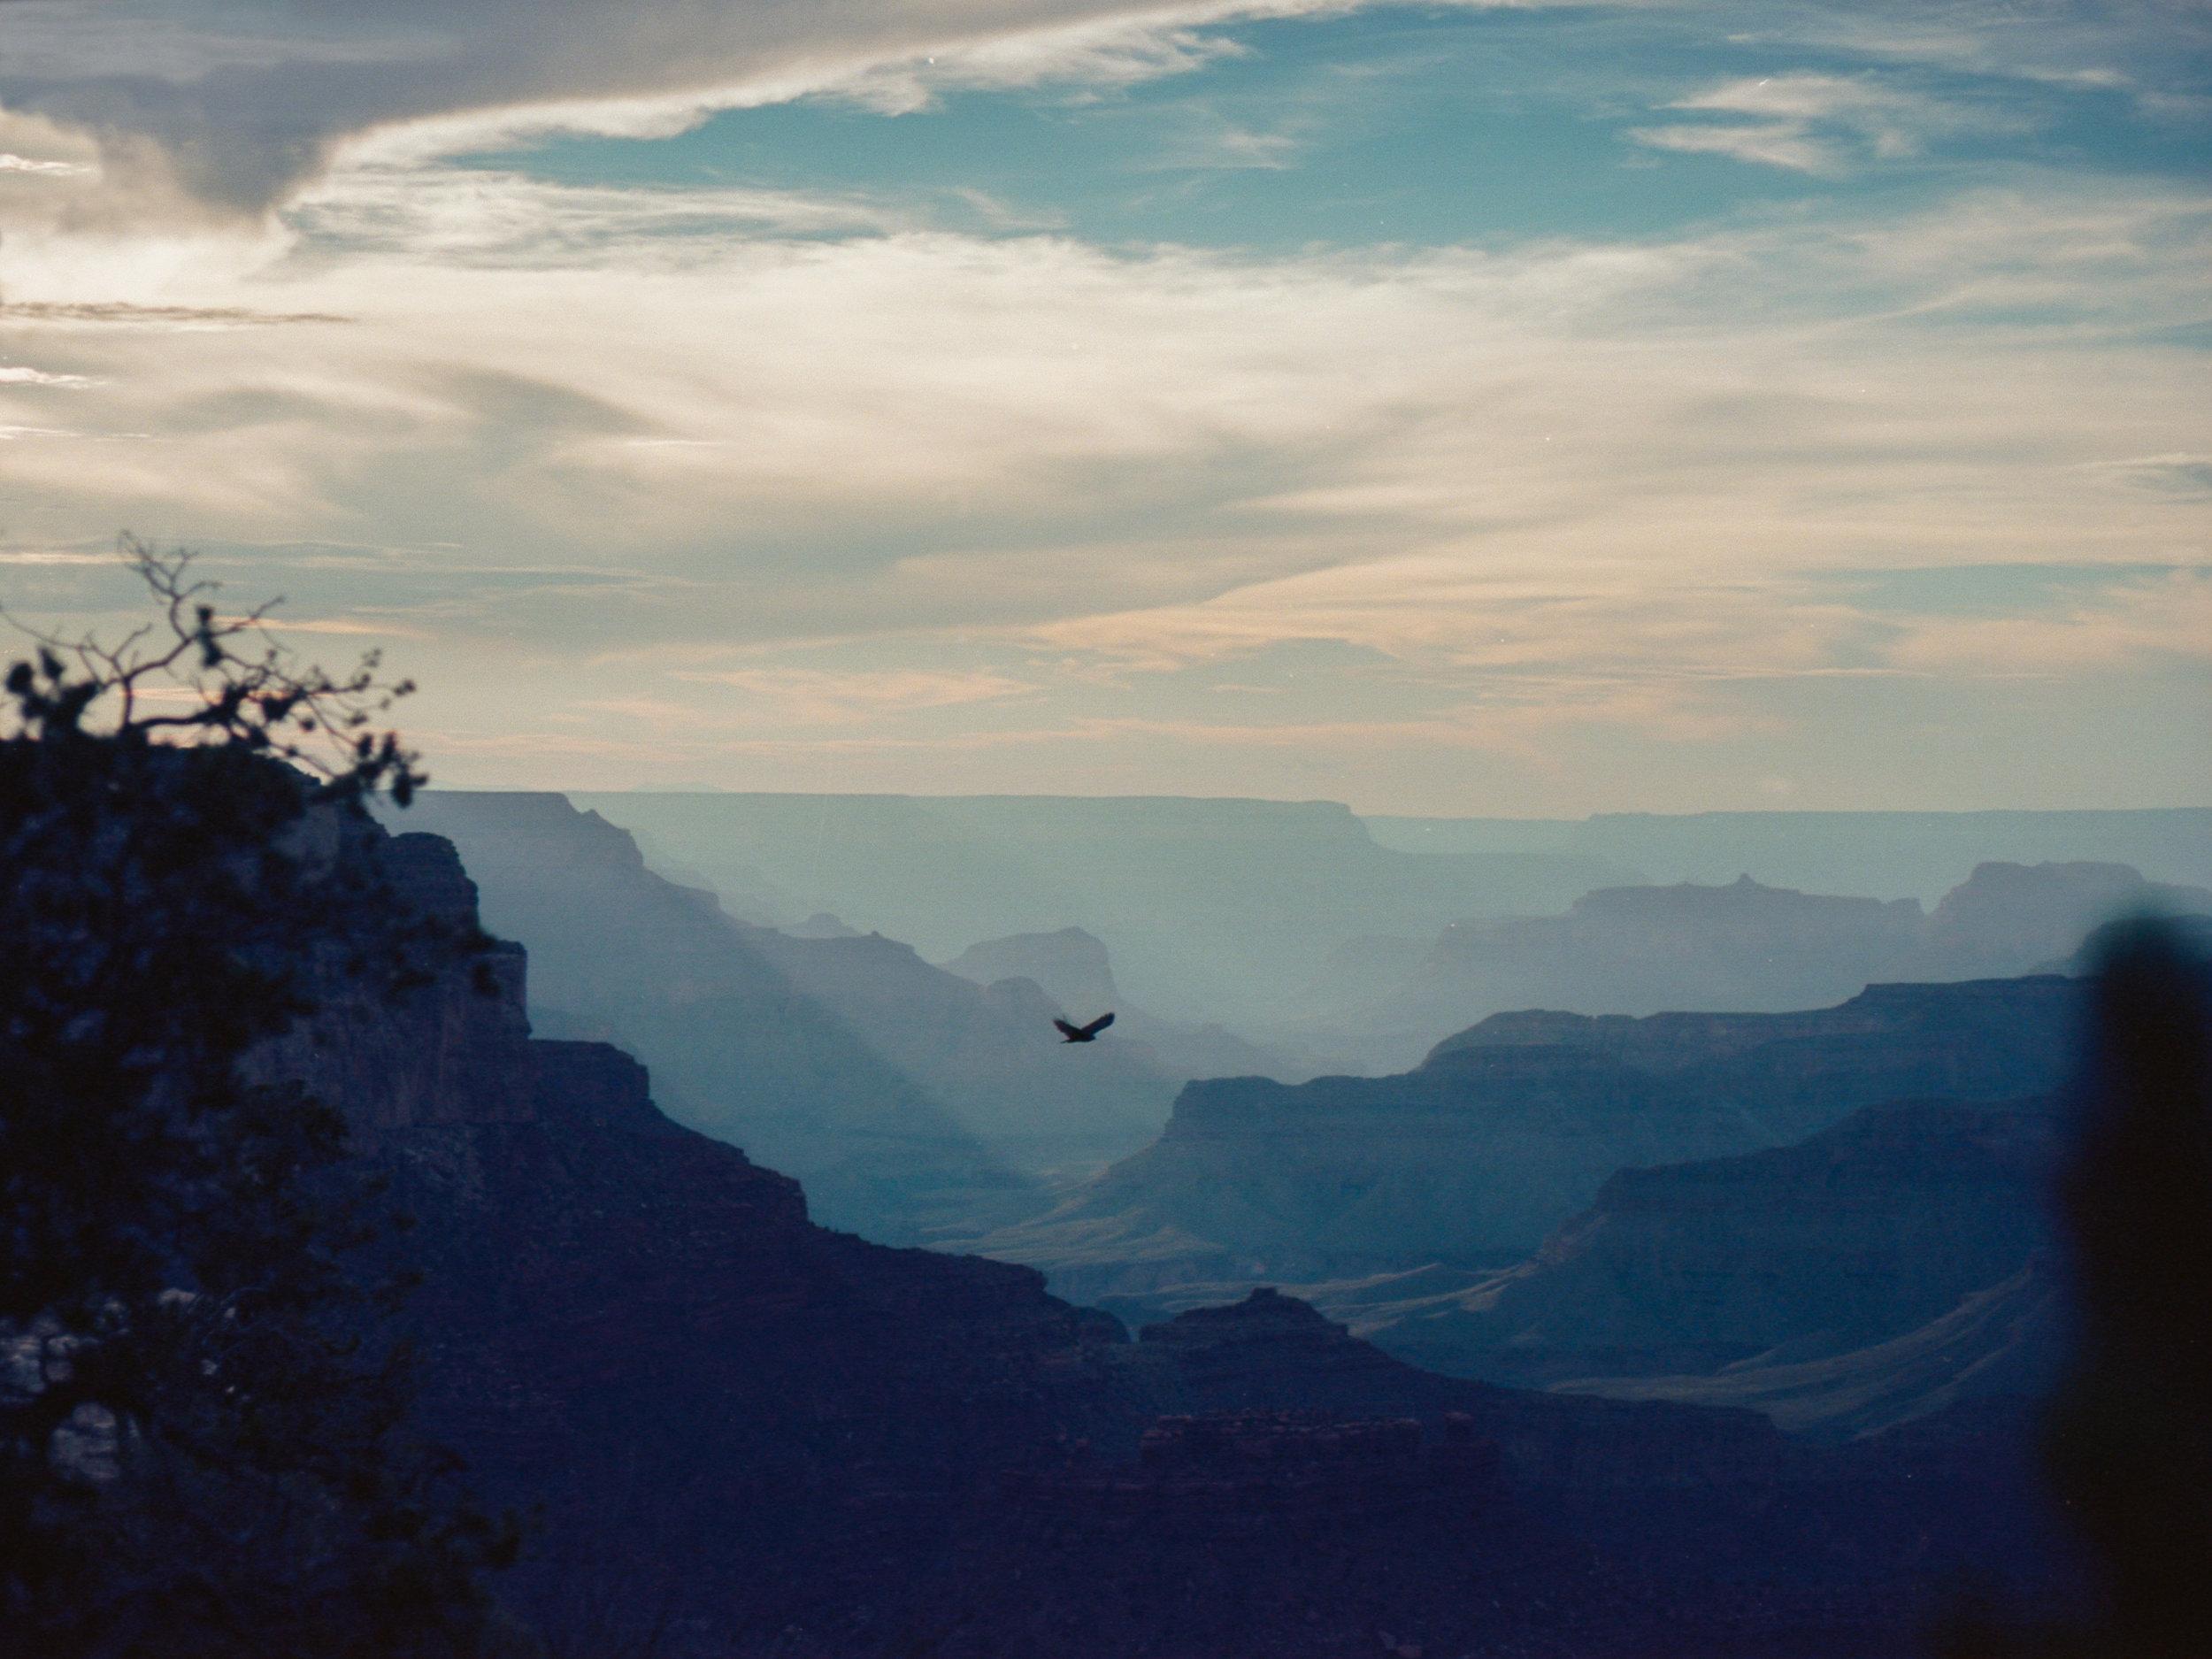 Grand Canyon, AZ - 2012